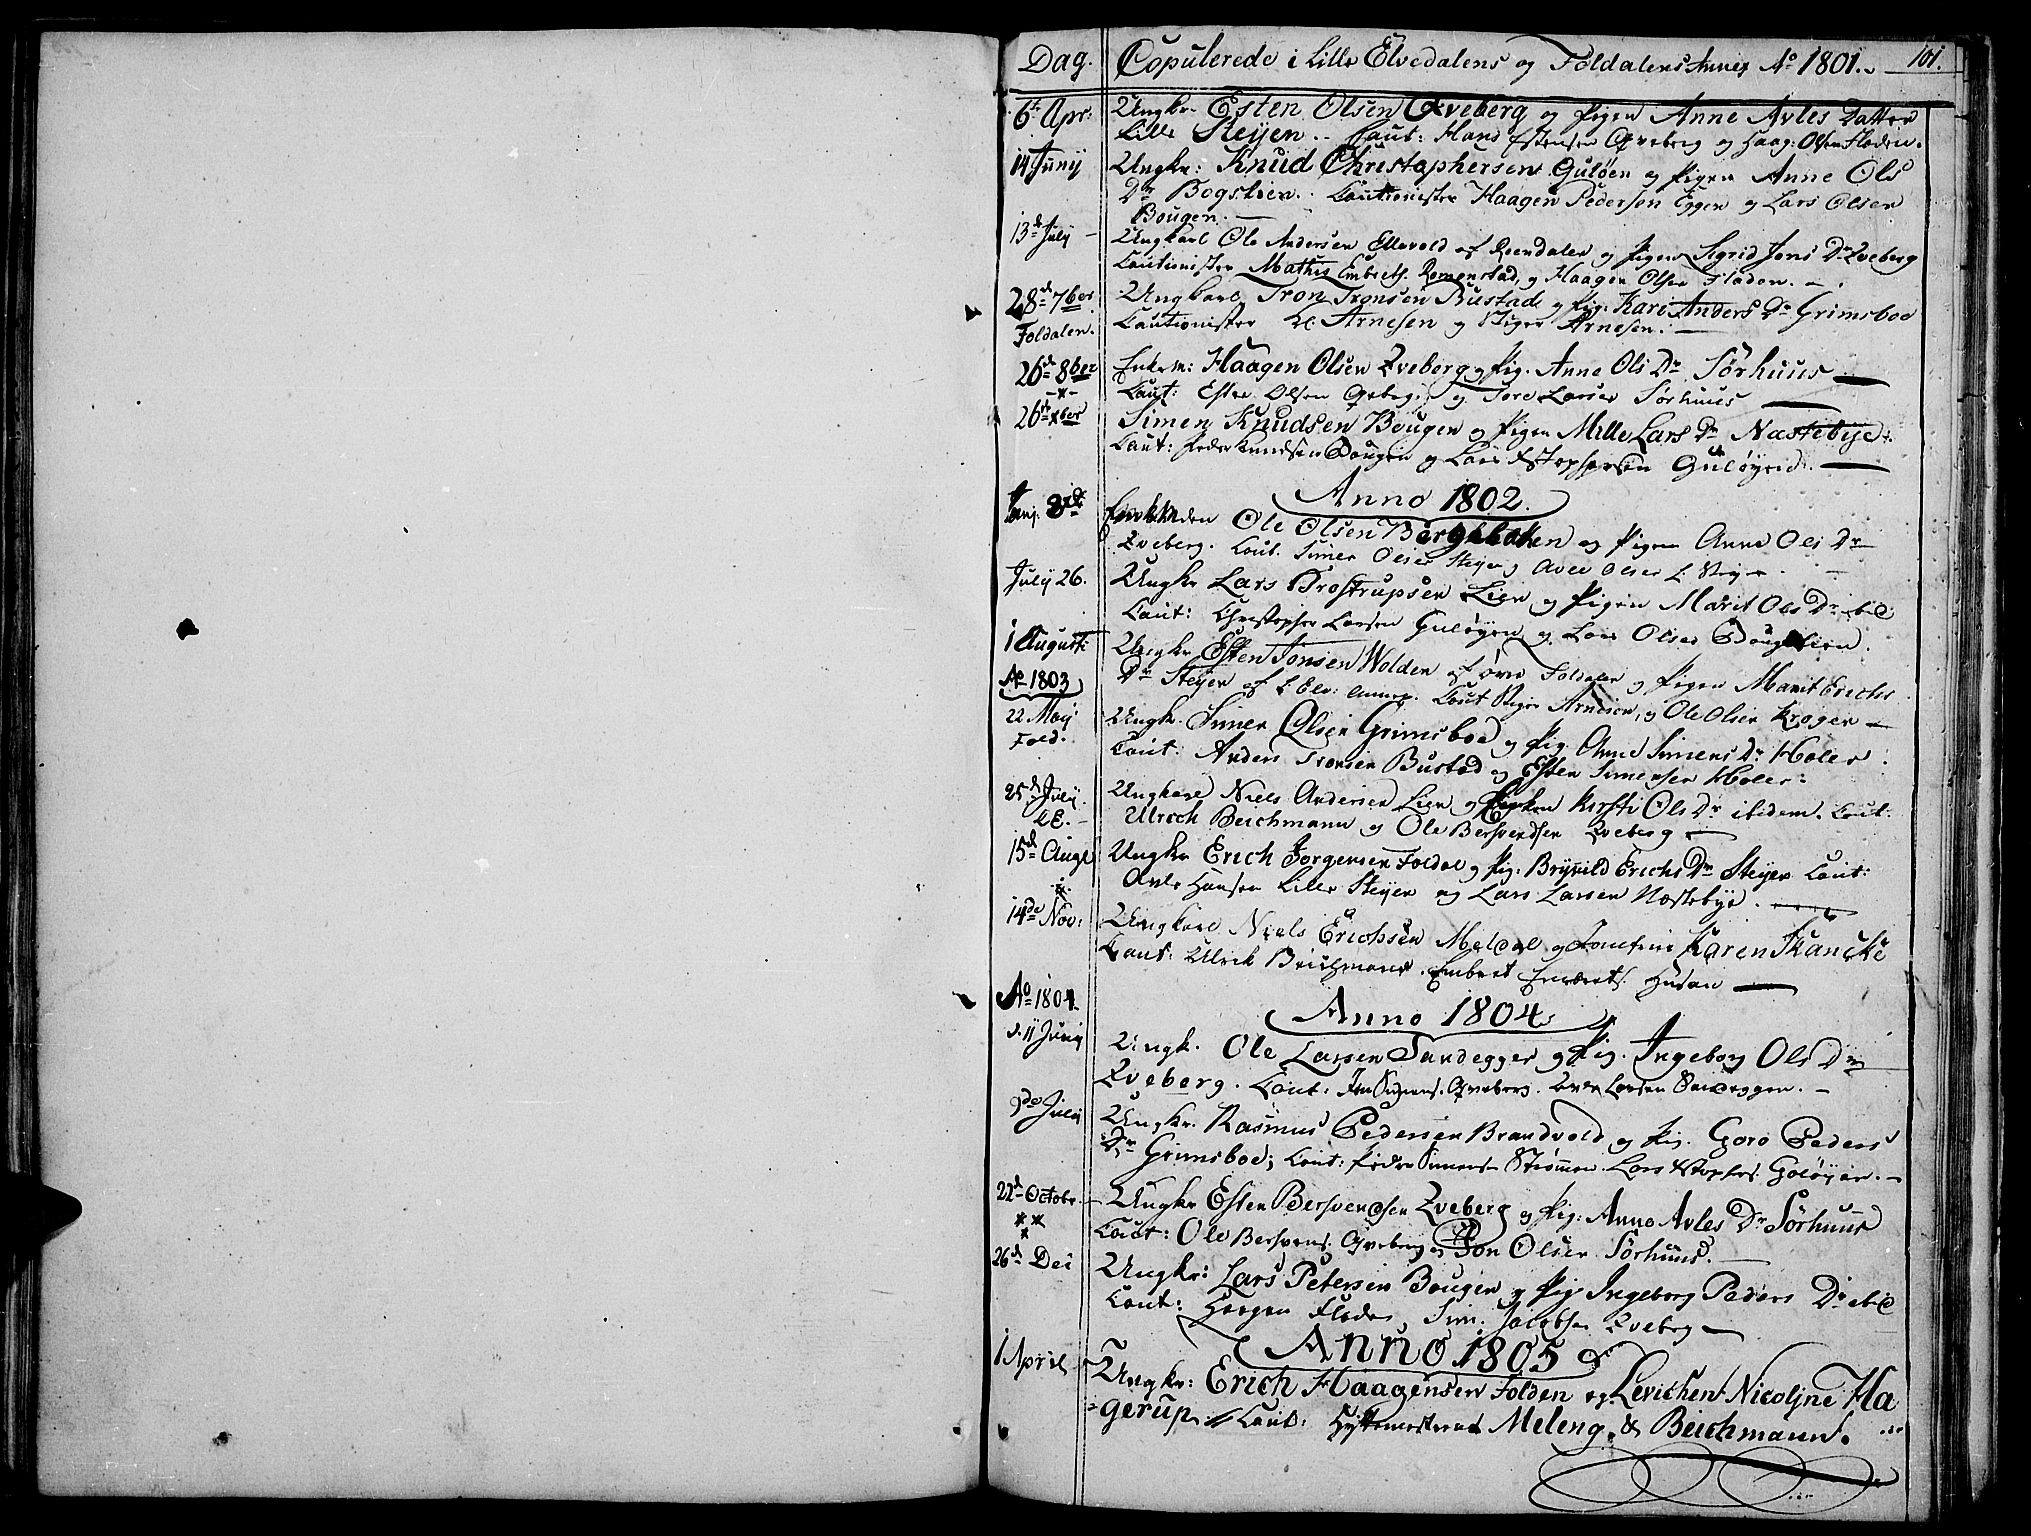 SAH, Tynset prestekontor, Parish register (official) no. 16, 1801-1814, p. 101